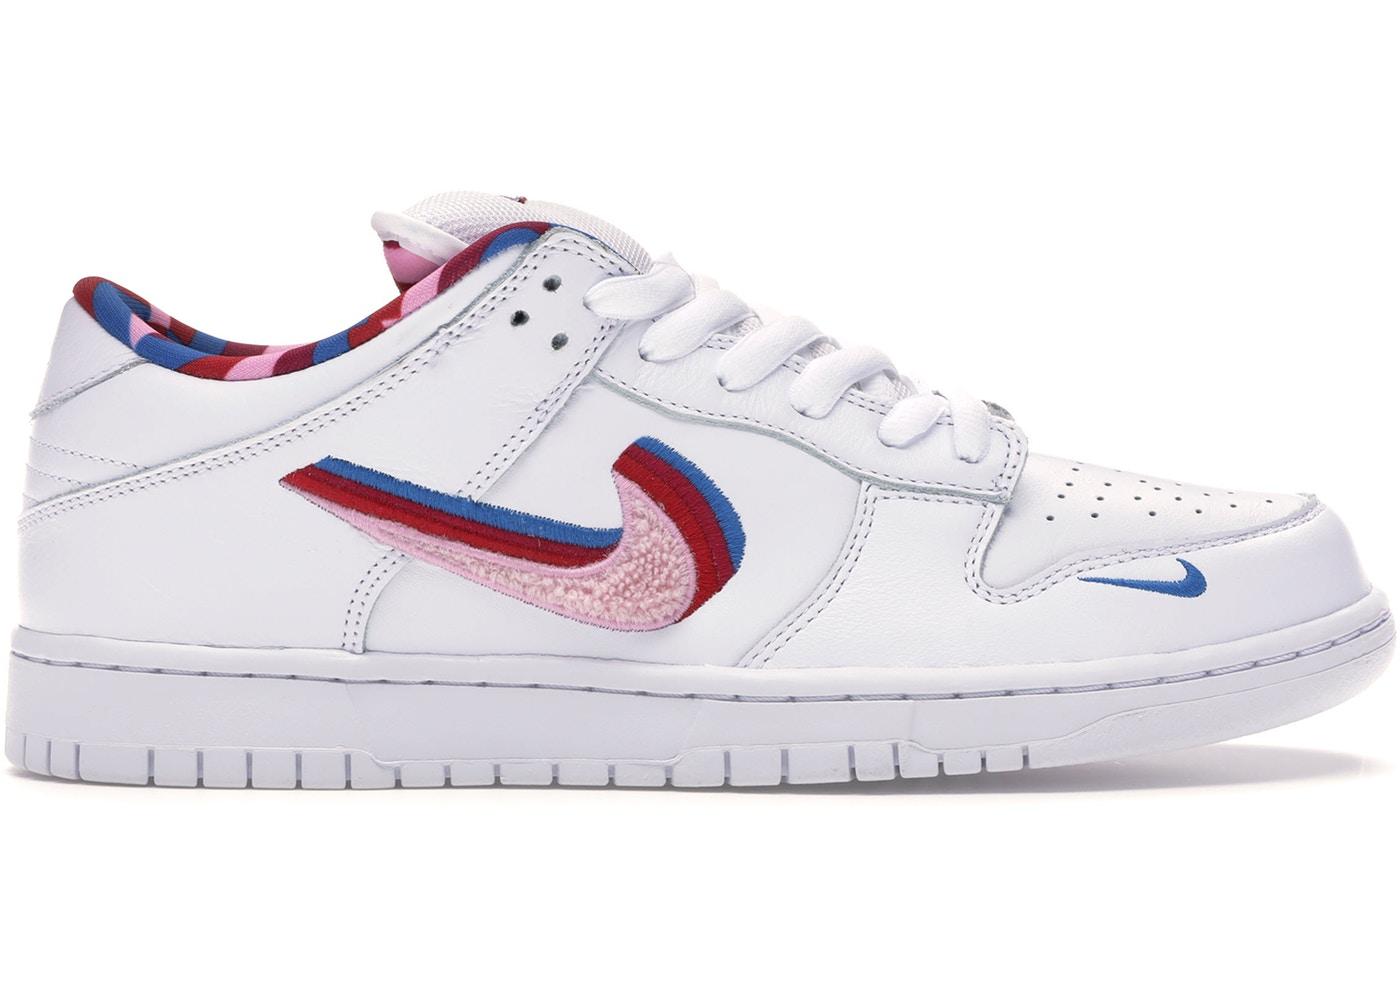 buy online 03af8 433de Now Available: Parra x Nike SB Dunk Low